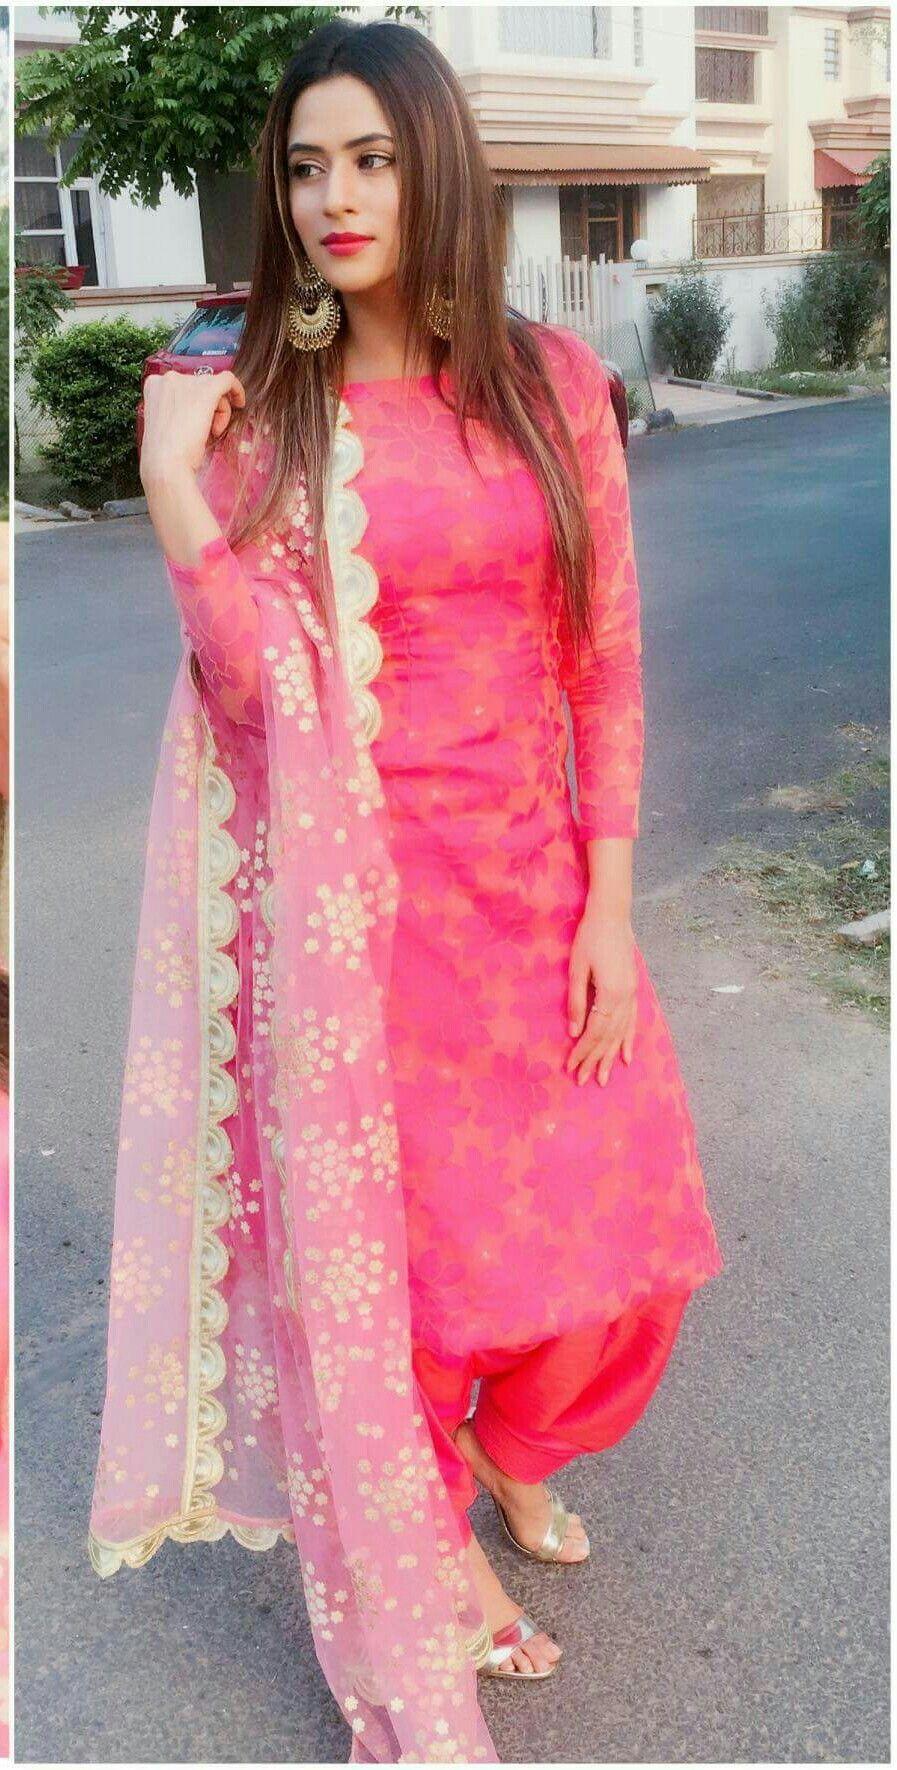 Pin de Himanshi Nain en Indian style | Pinterest | Rabia, Ropa ...